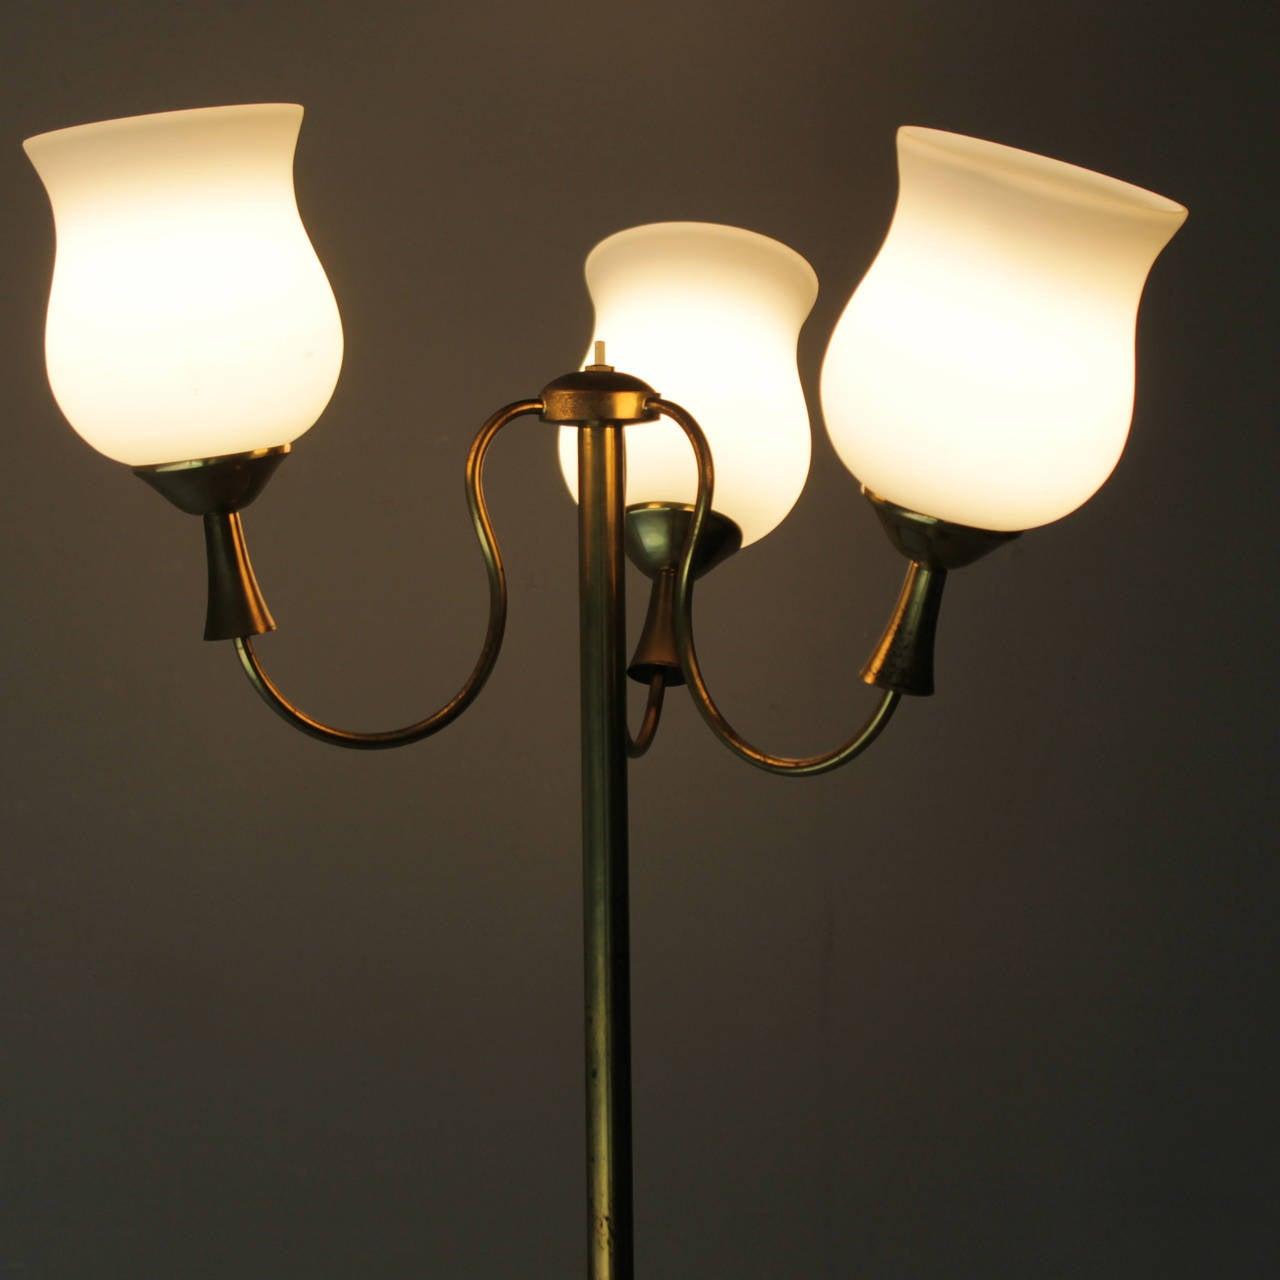 Elegant Italian Floor Lamp by Arredoluce For Sale 3